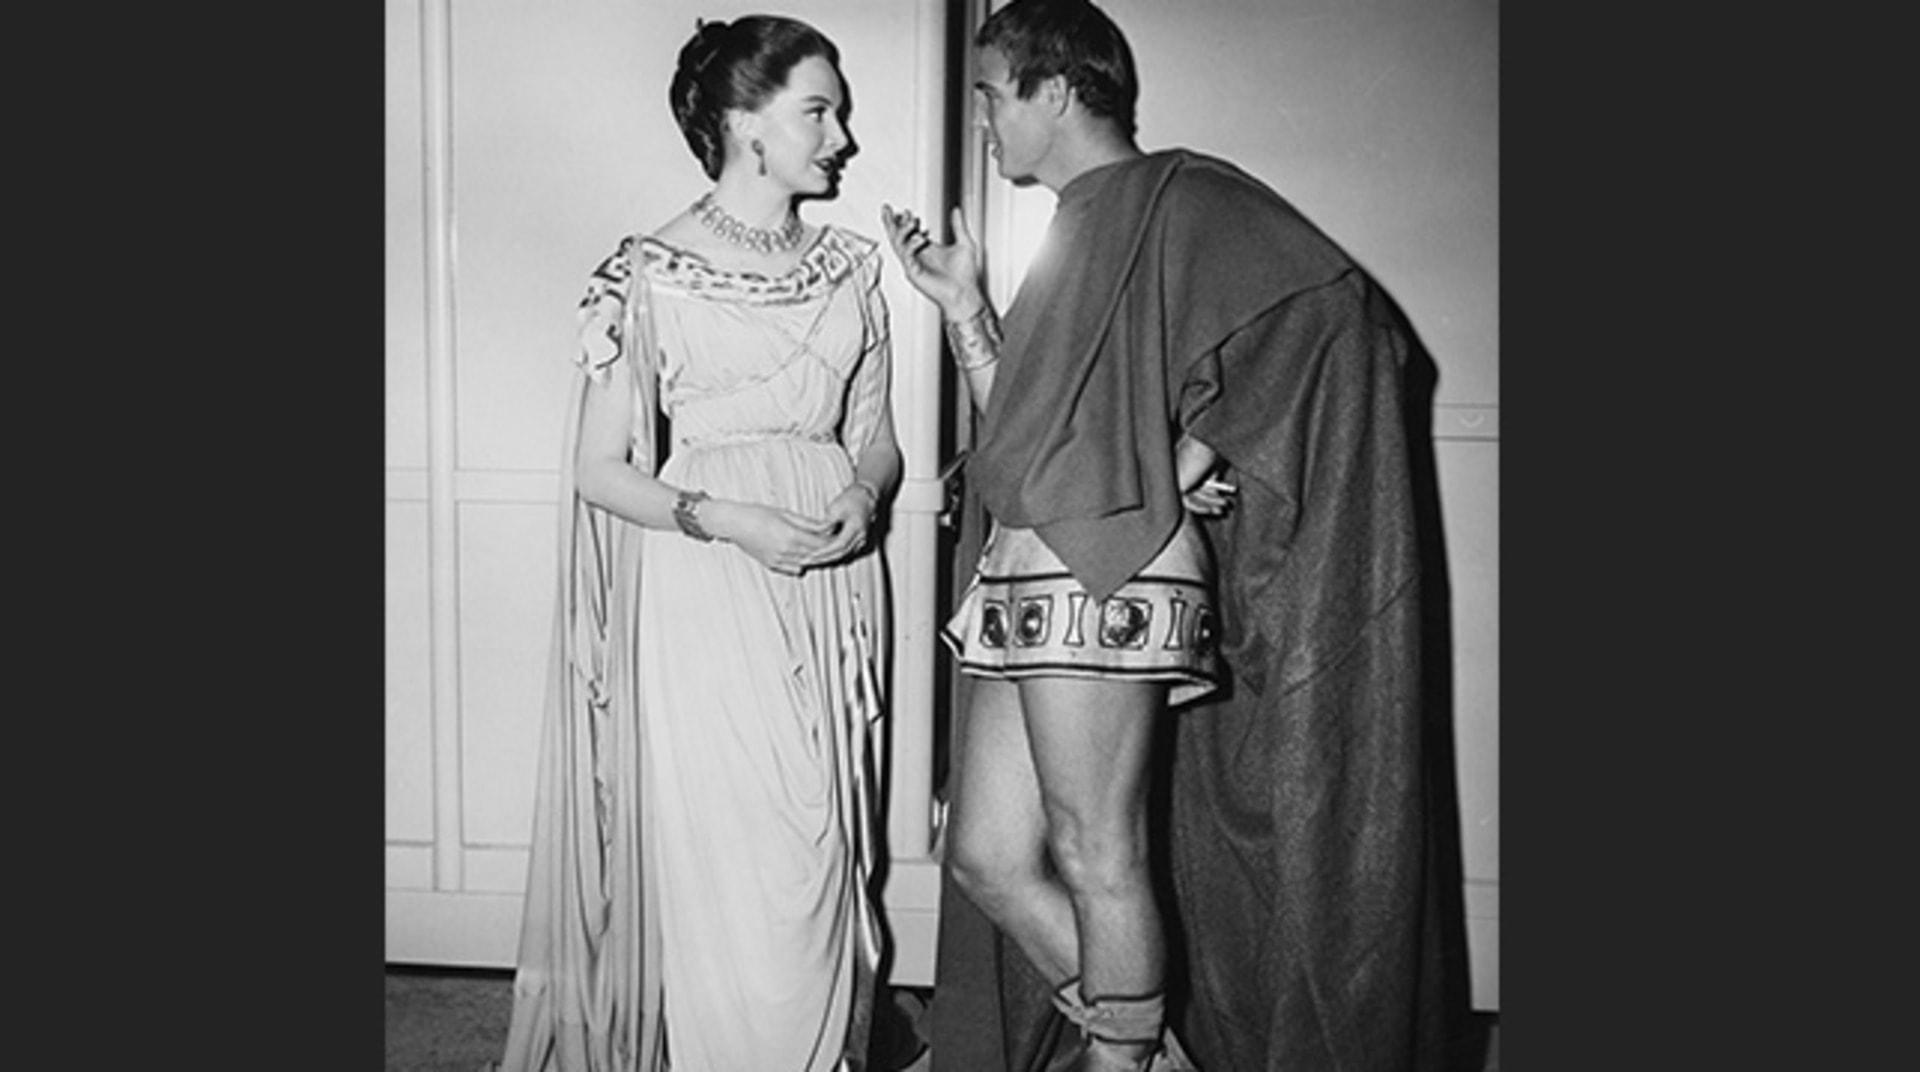 Julius Caesar - Image 20